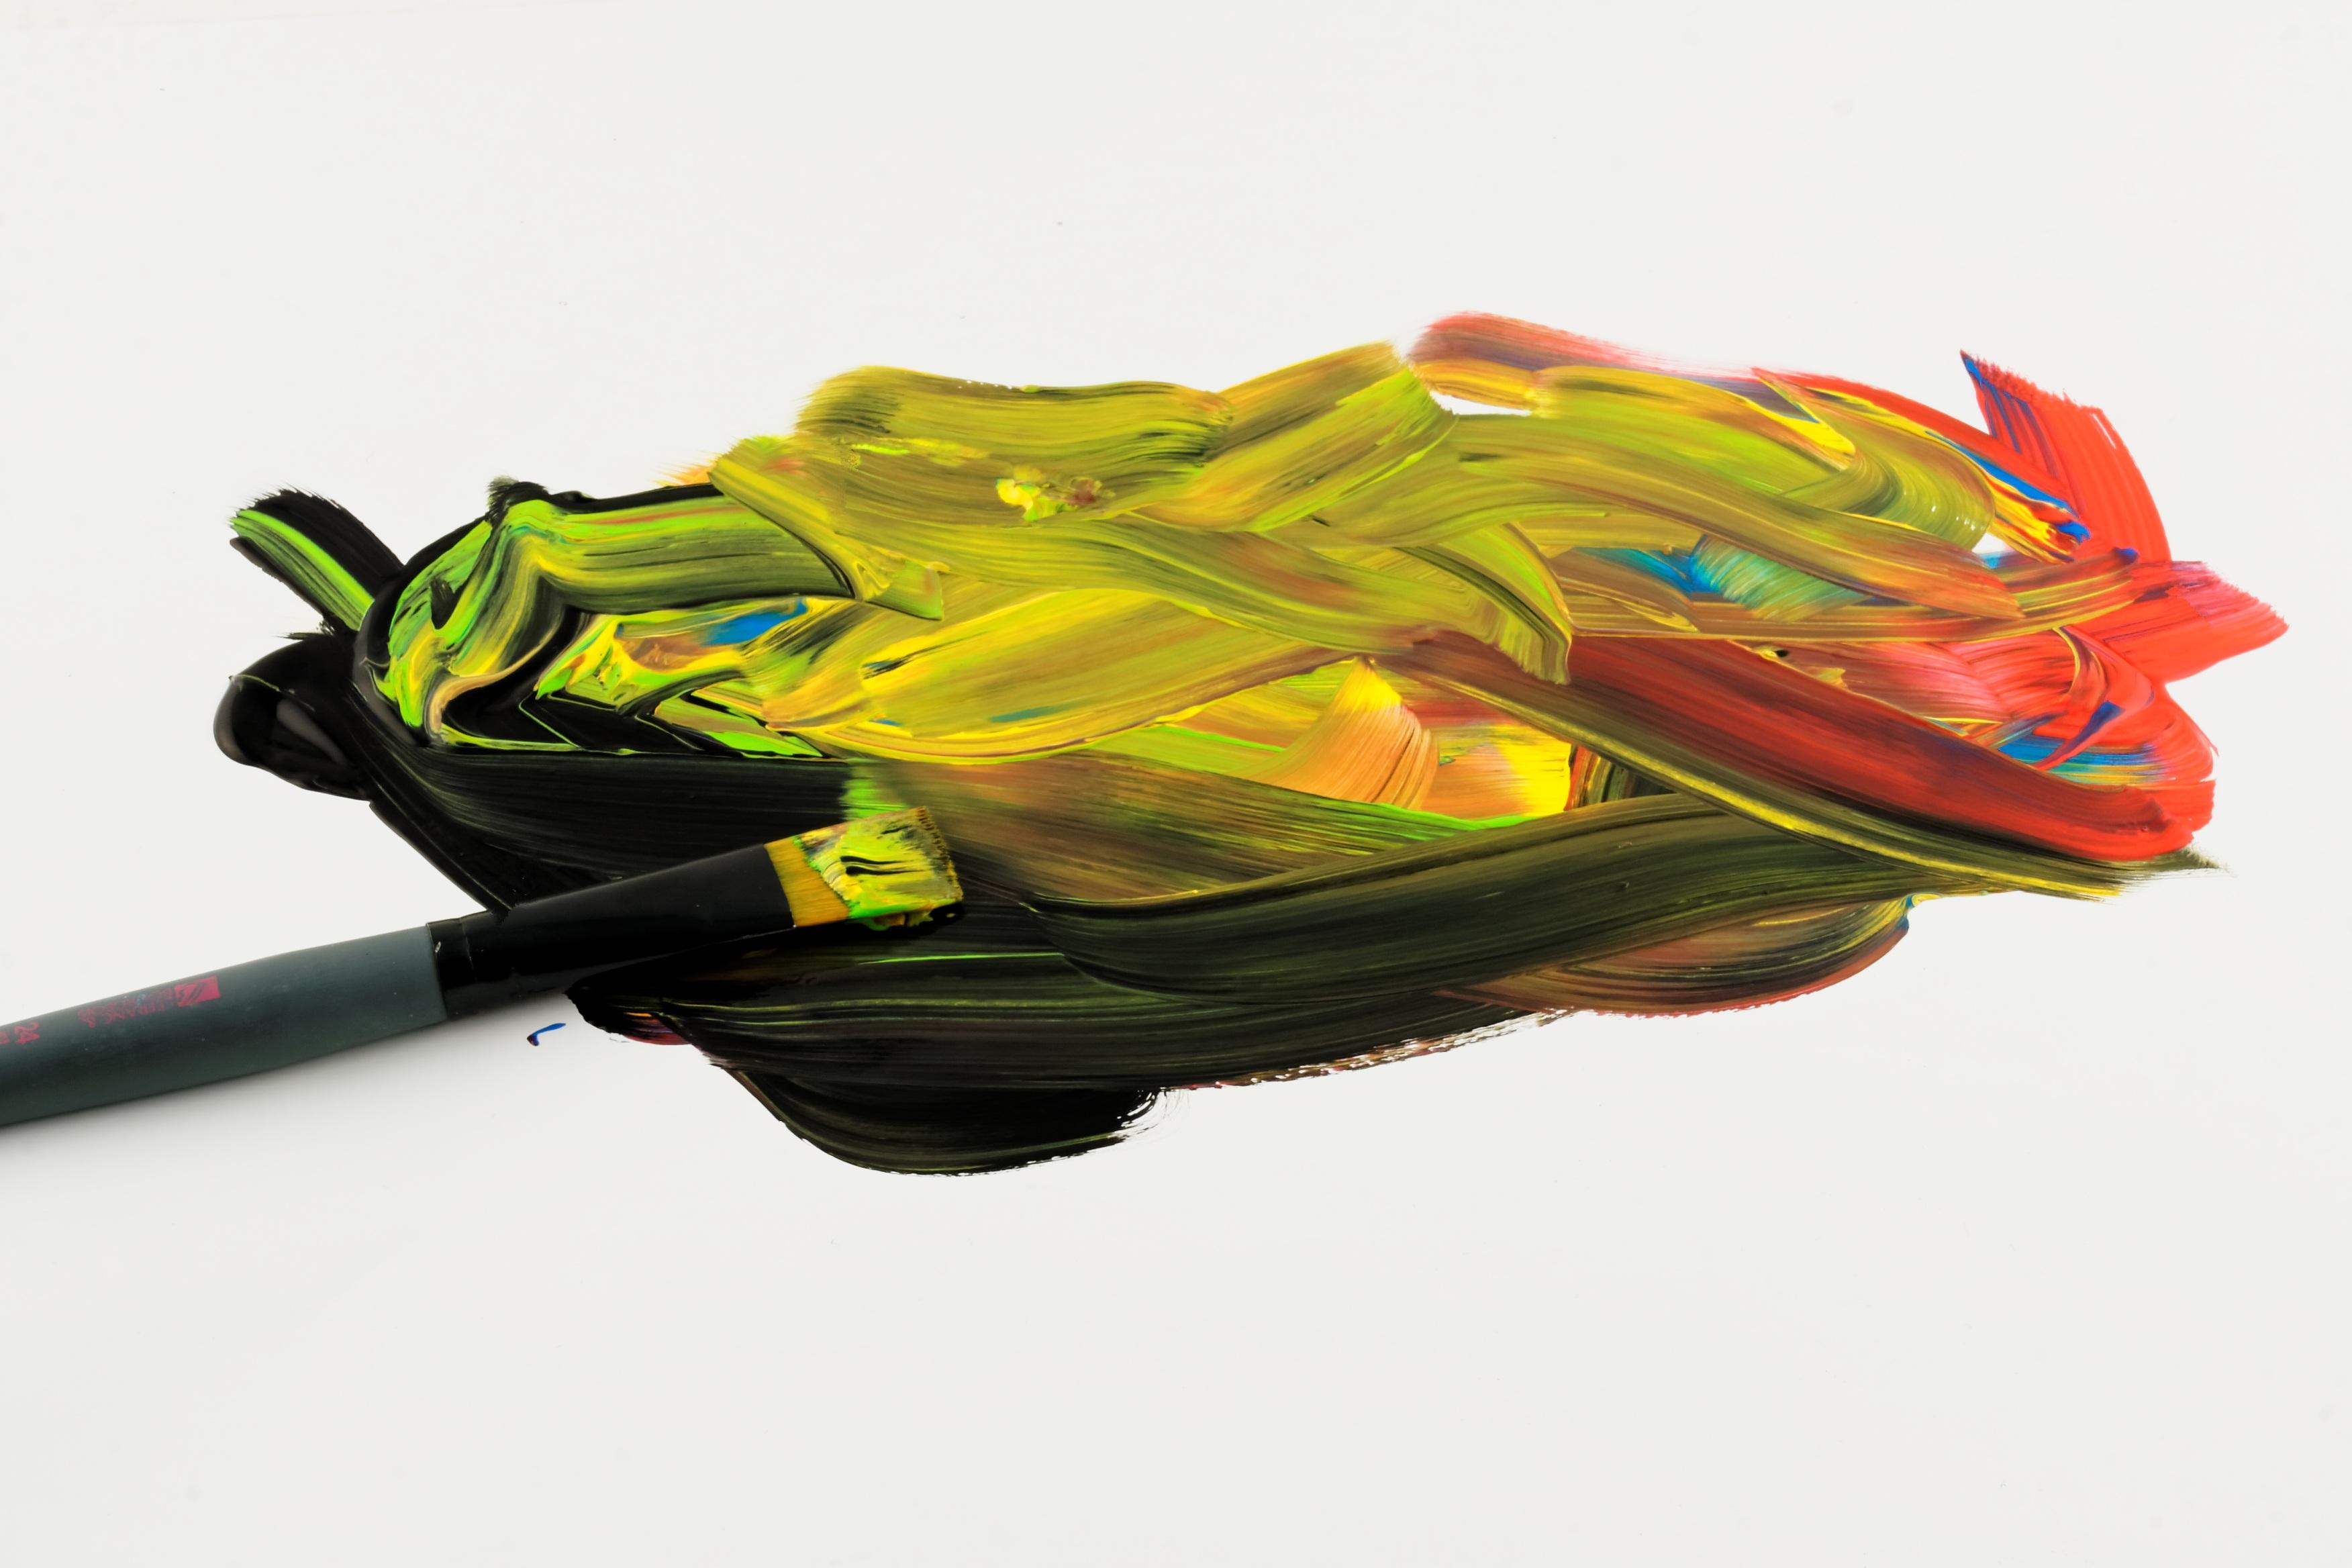 Images Gratuites : Main, Fleur, Brosse, Couleur, Peindre, Coloré, Jaune,  Goutte, La Peinture, Art, Peintre, Peinture à Lu0027huile, Broderie, Détrempe,  Peinture ...